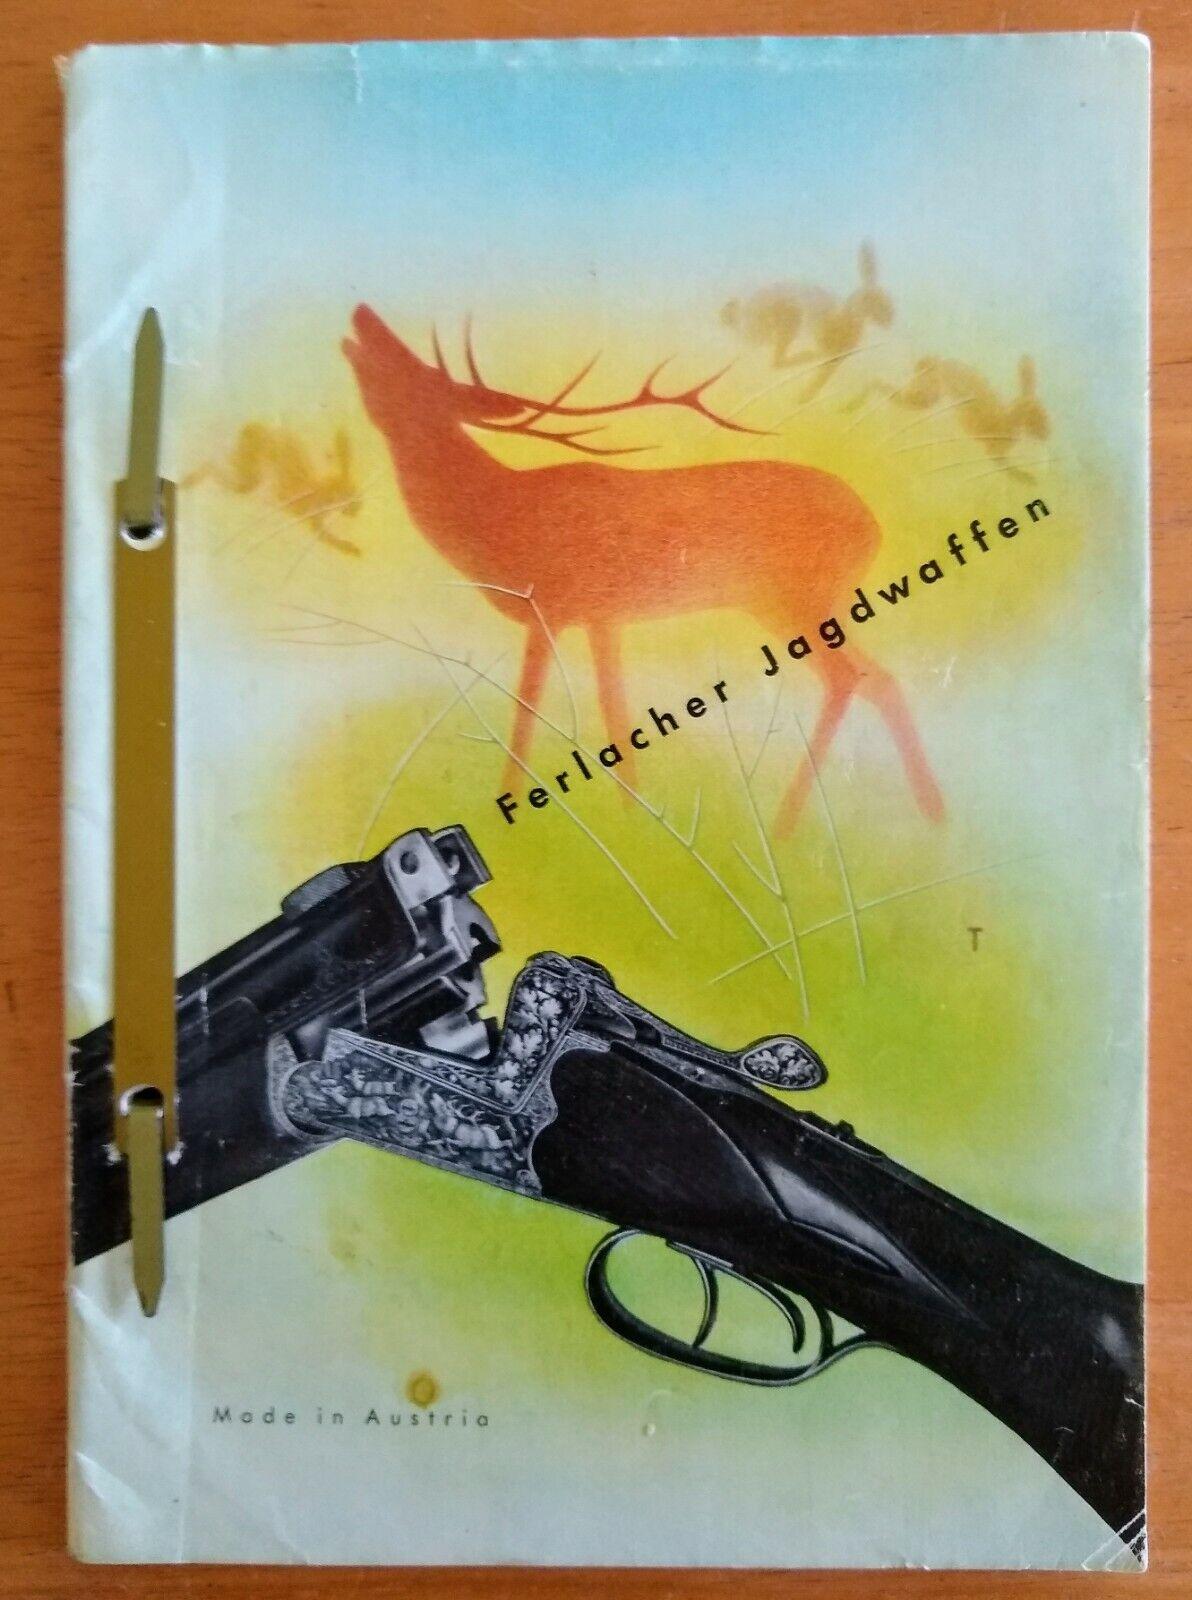 Raro Vintage años 50 Ferlacher Jagdwaffen pistola catálogo no una reimpresión, 80 páginas